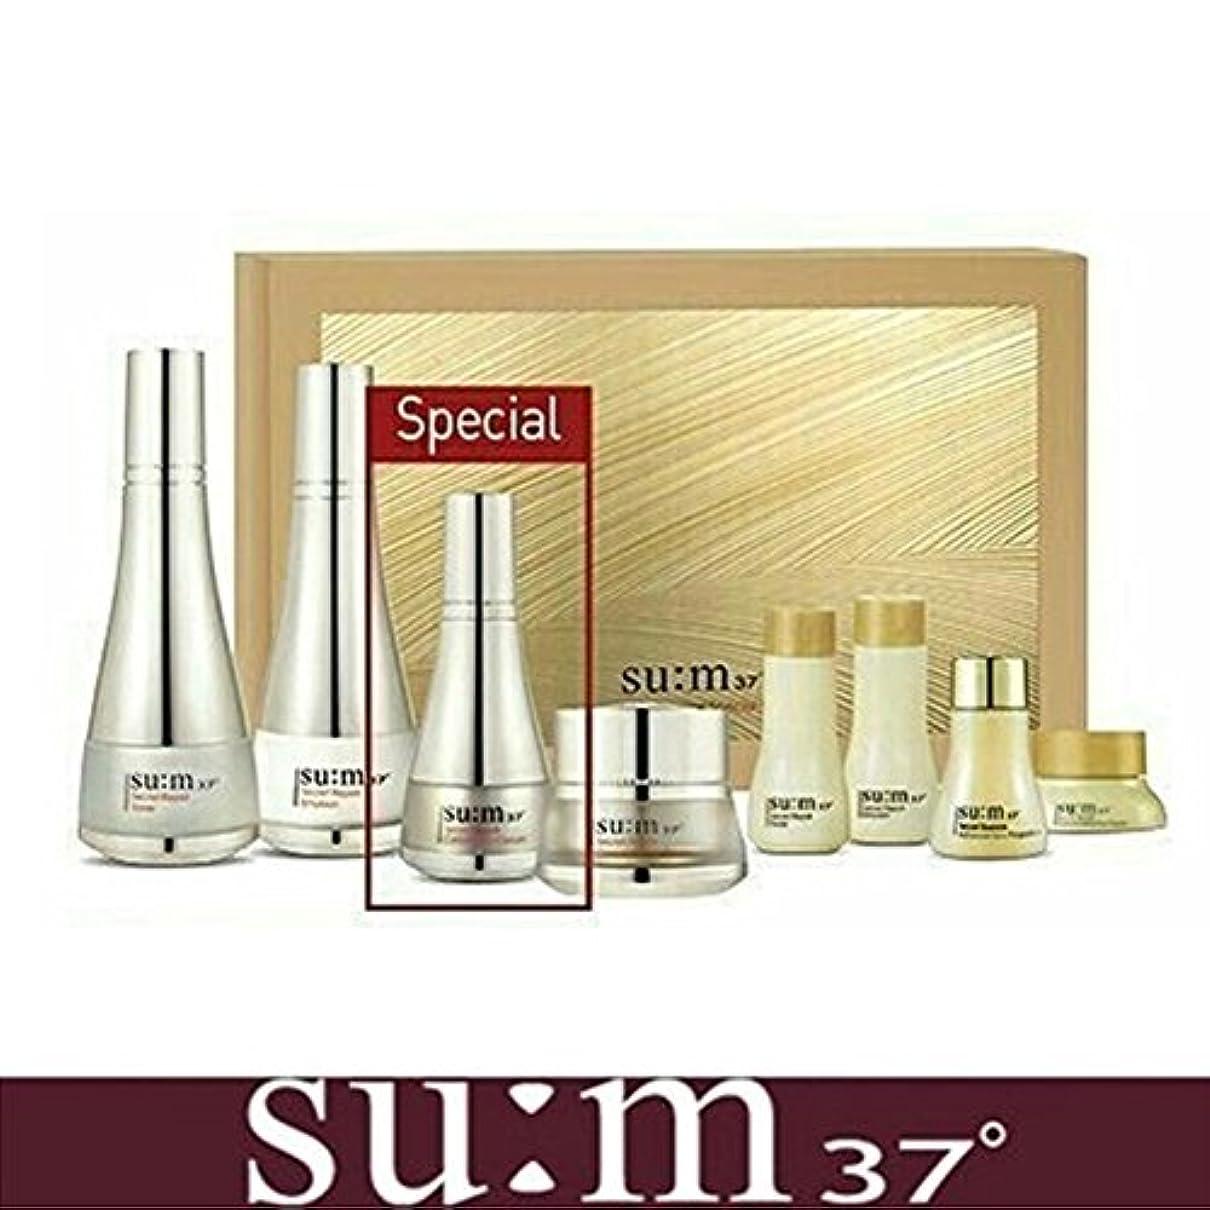 エスニックまでジャンプ[su:m37/スム37°] SUM37 Secret Repair 3pcs Special Skincare Set / シークレットリペア3種セット+[Sample Gift](海外直送品)